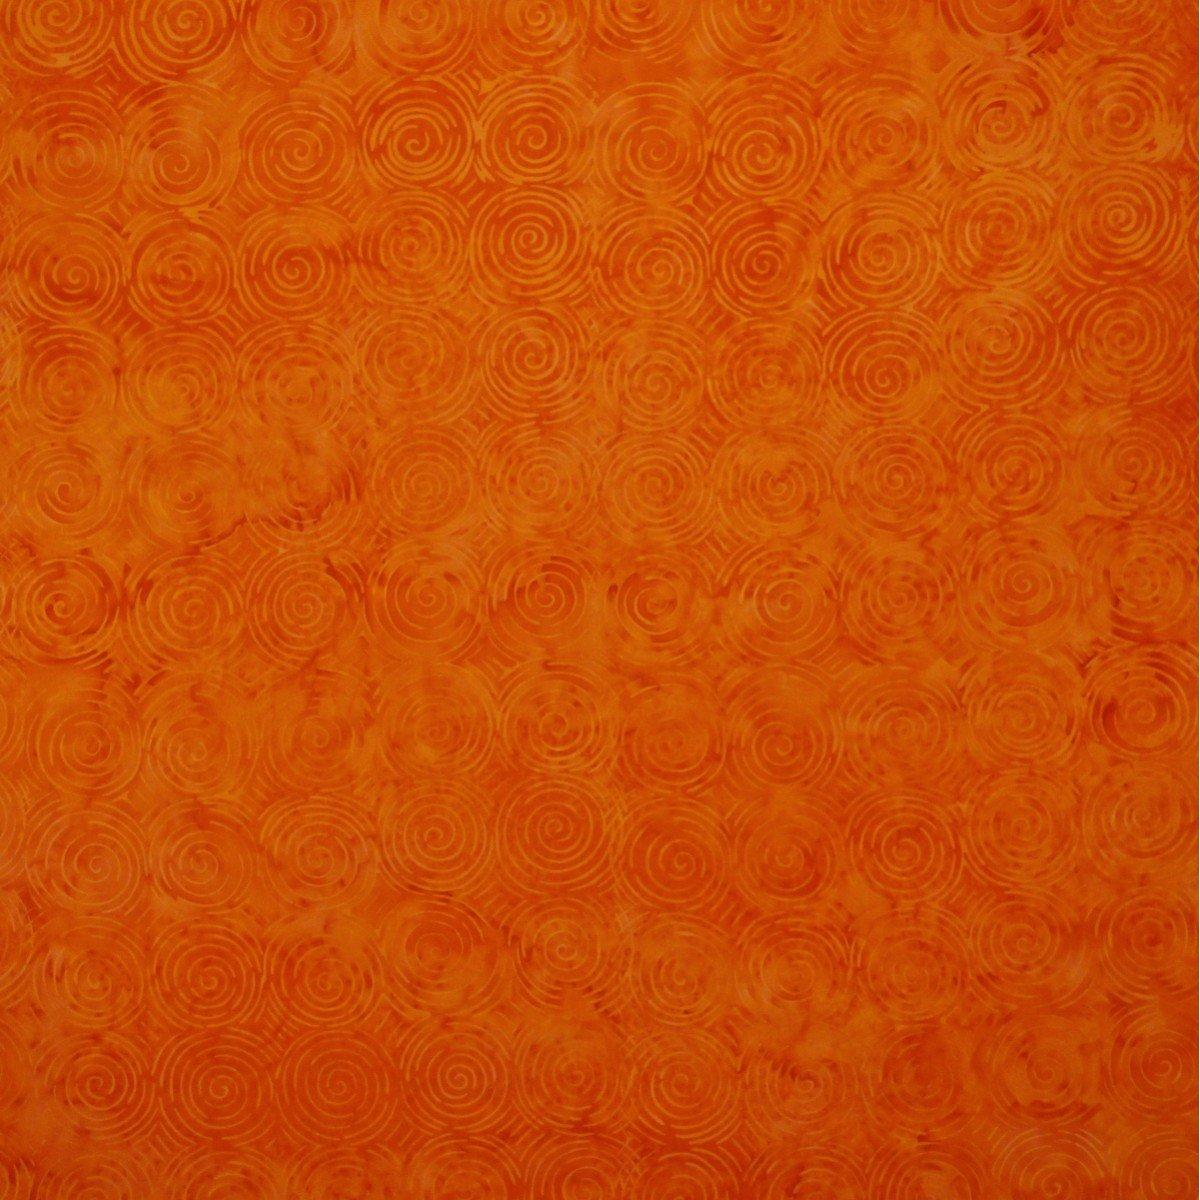 Batik by Mirah - Maple Maze Orange